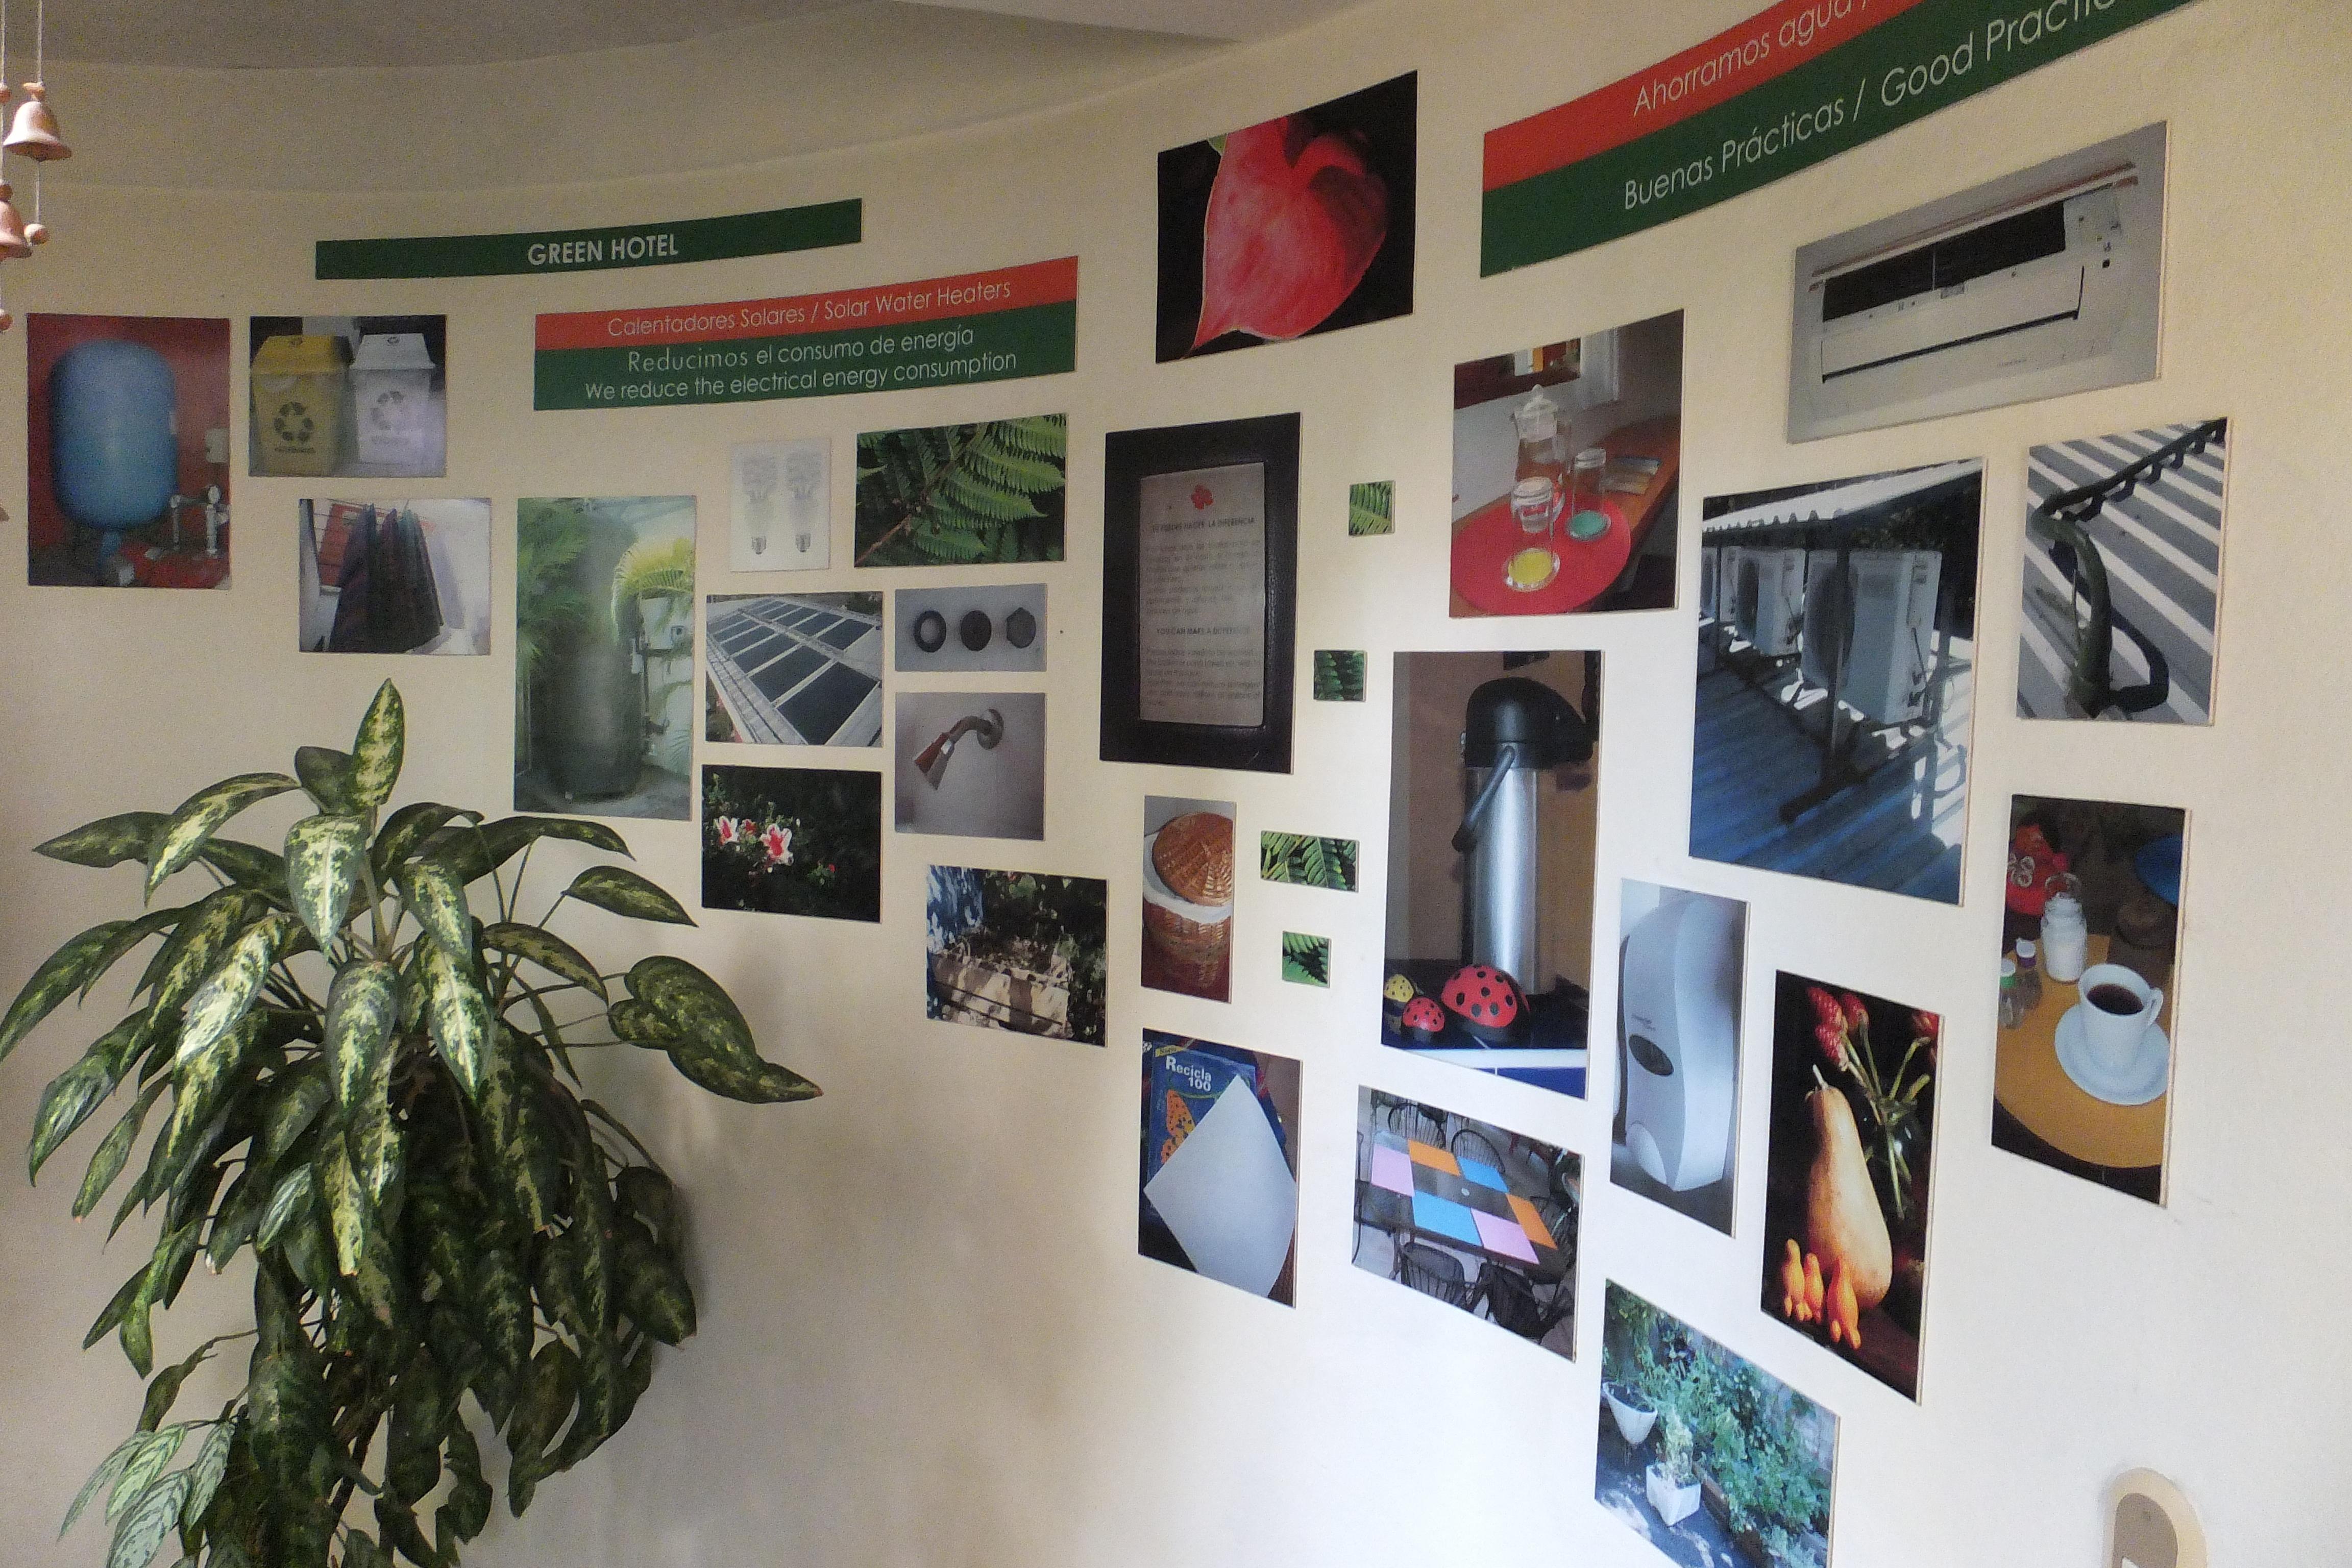 Arbol de Fuego Eco-Hotel, Poster de Bonnes Pratiques